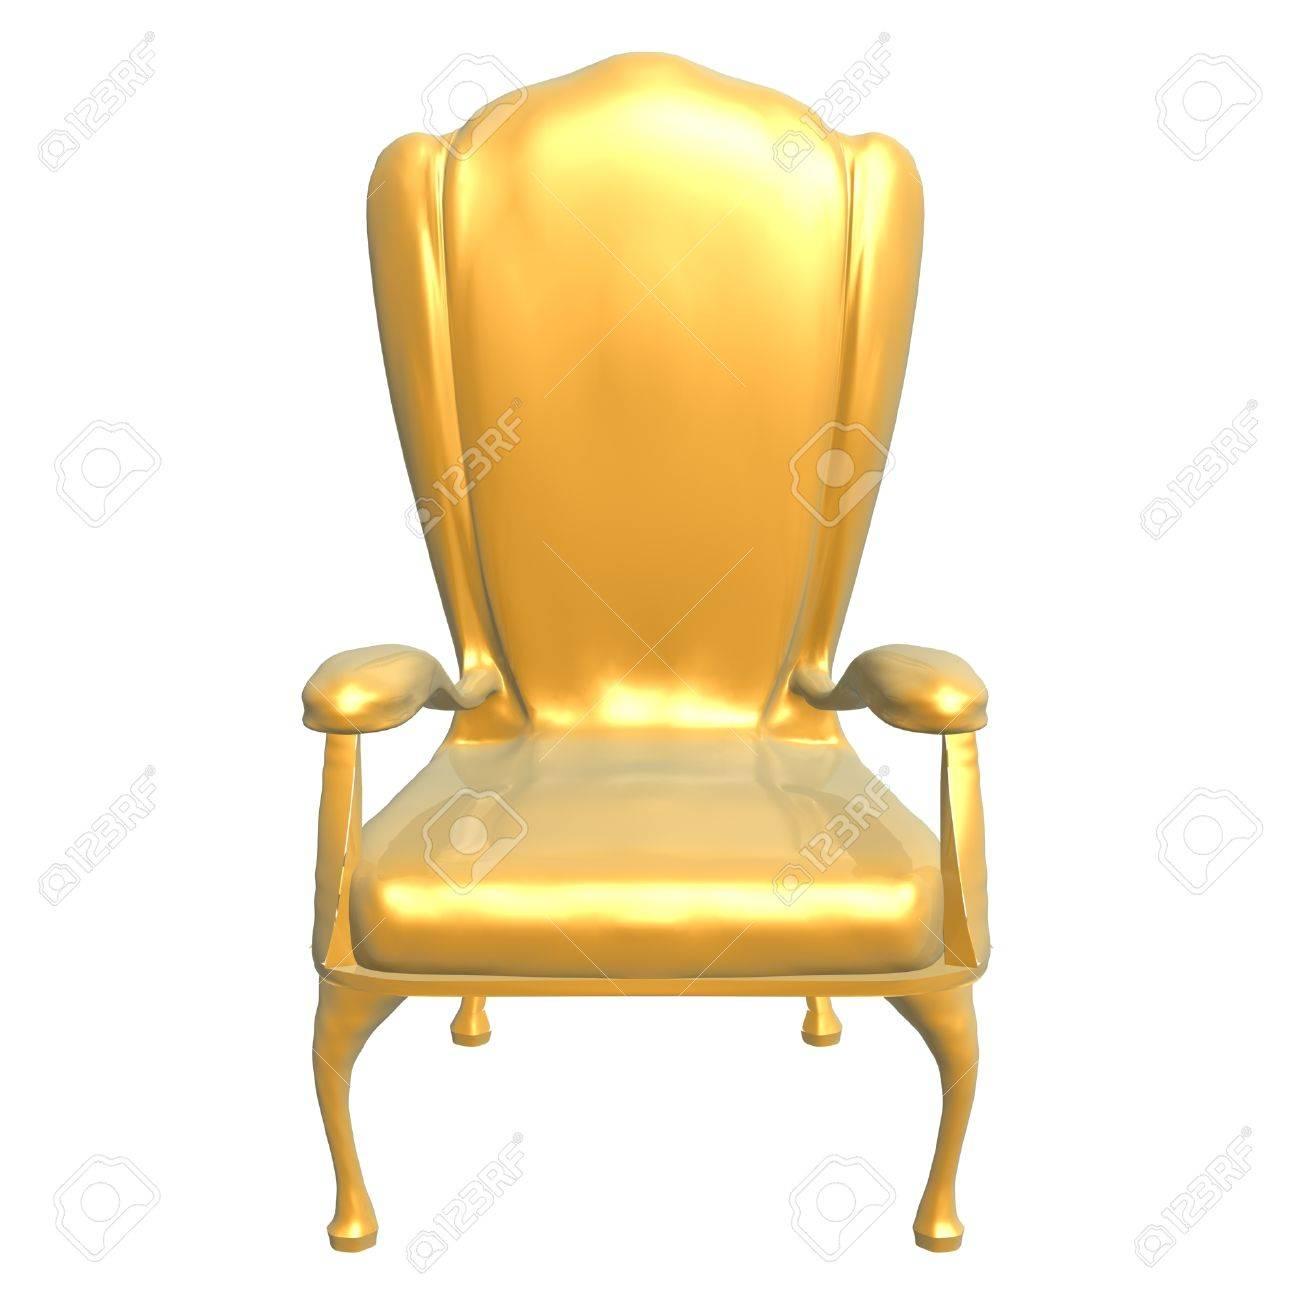 Chaise Dor Du Roi Isol Sur Fond Blanc Banque DImages Et Photos